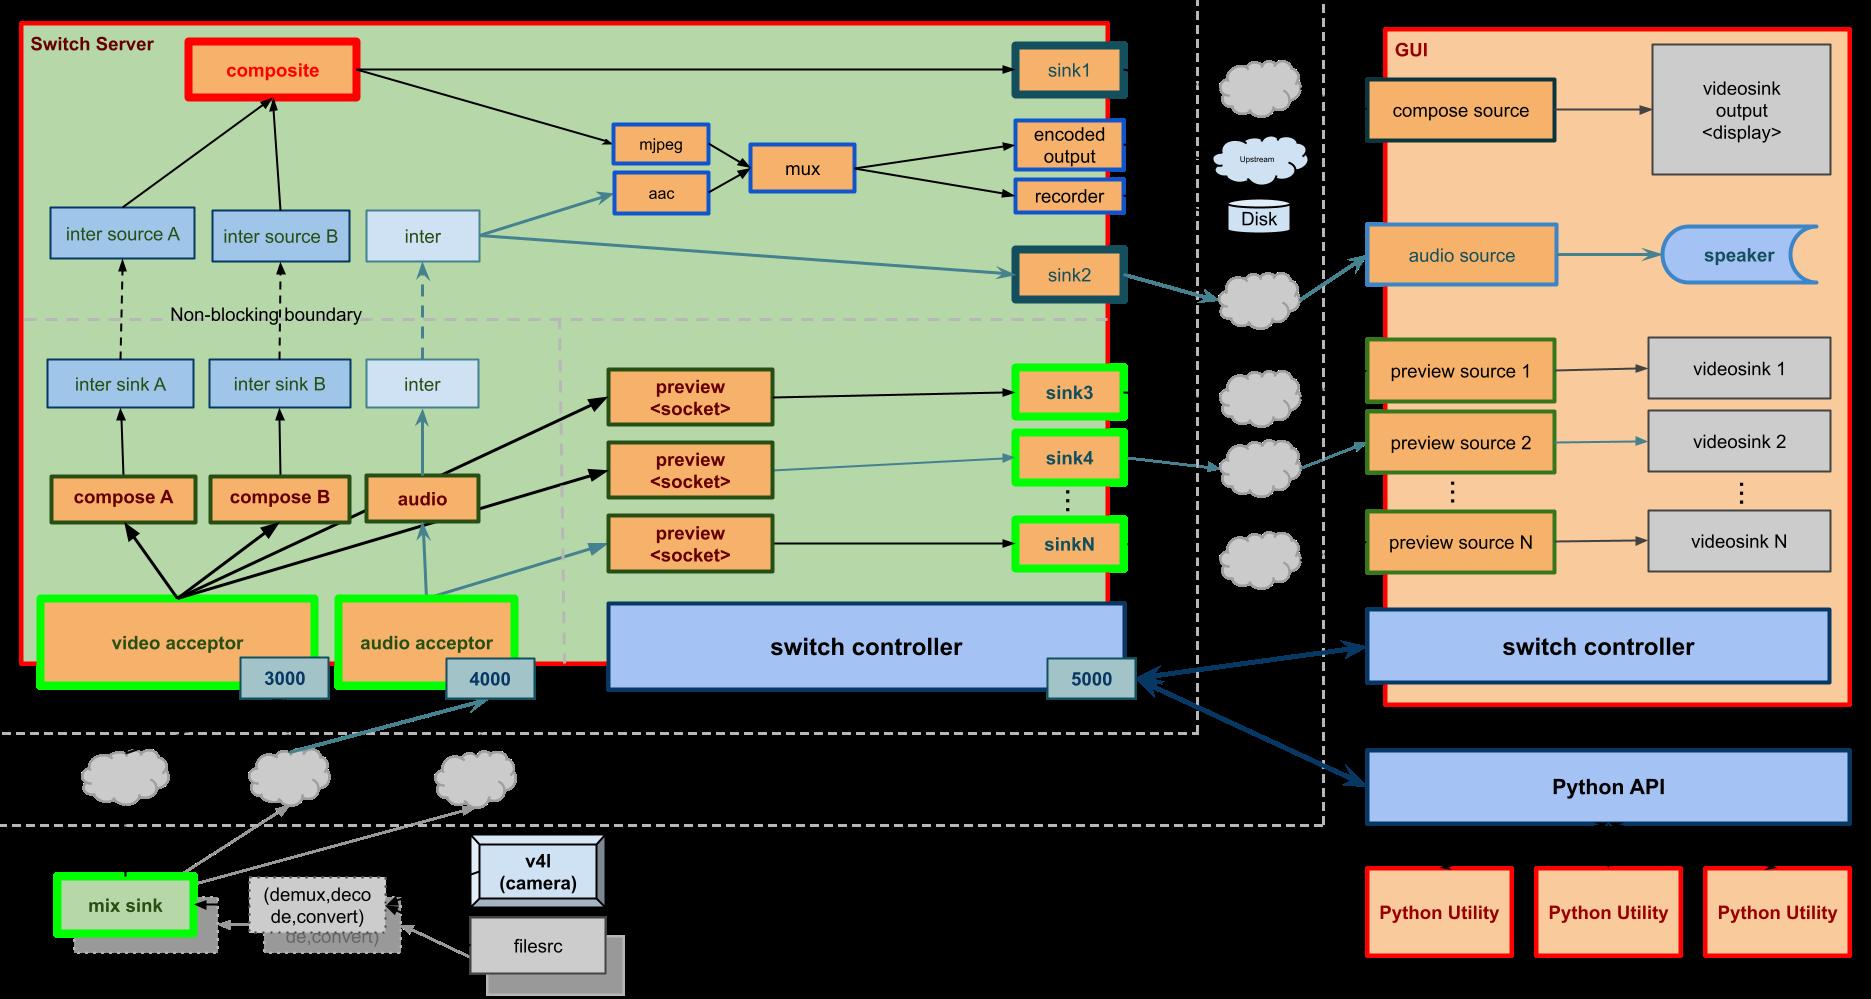 System design diagram